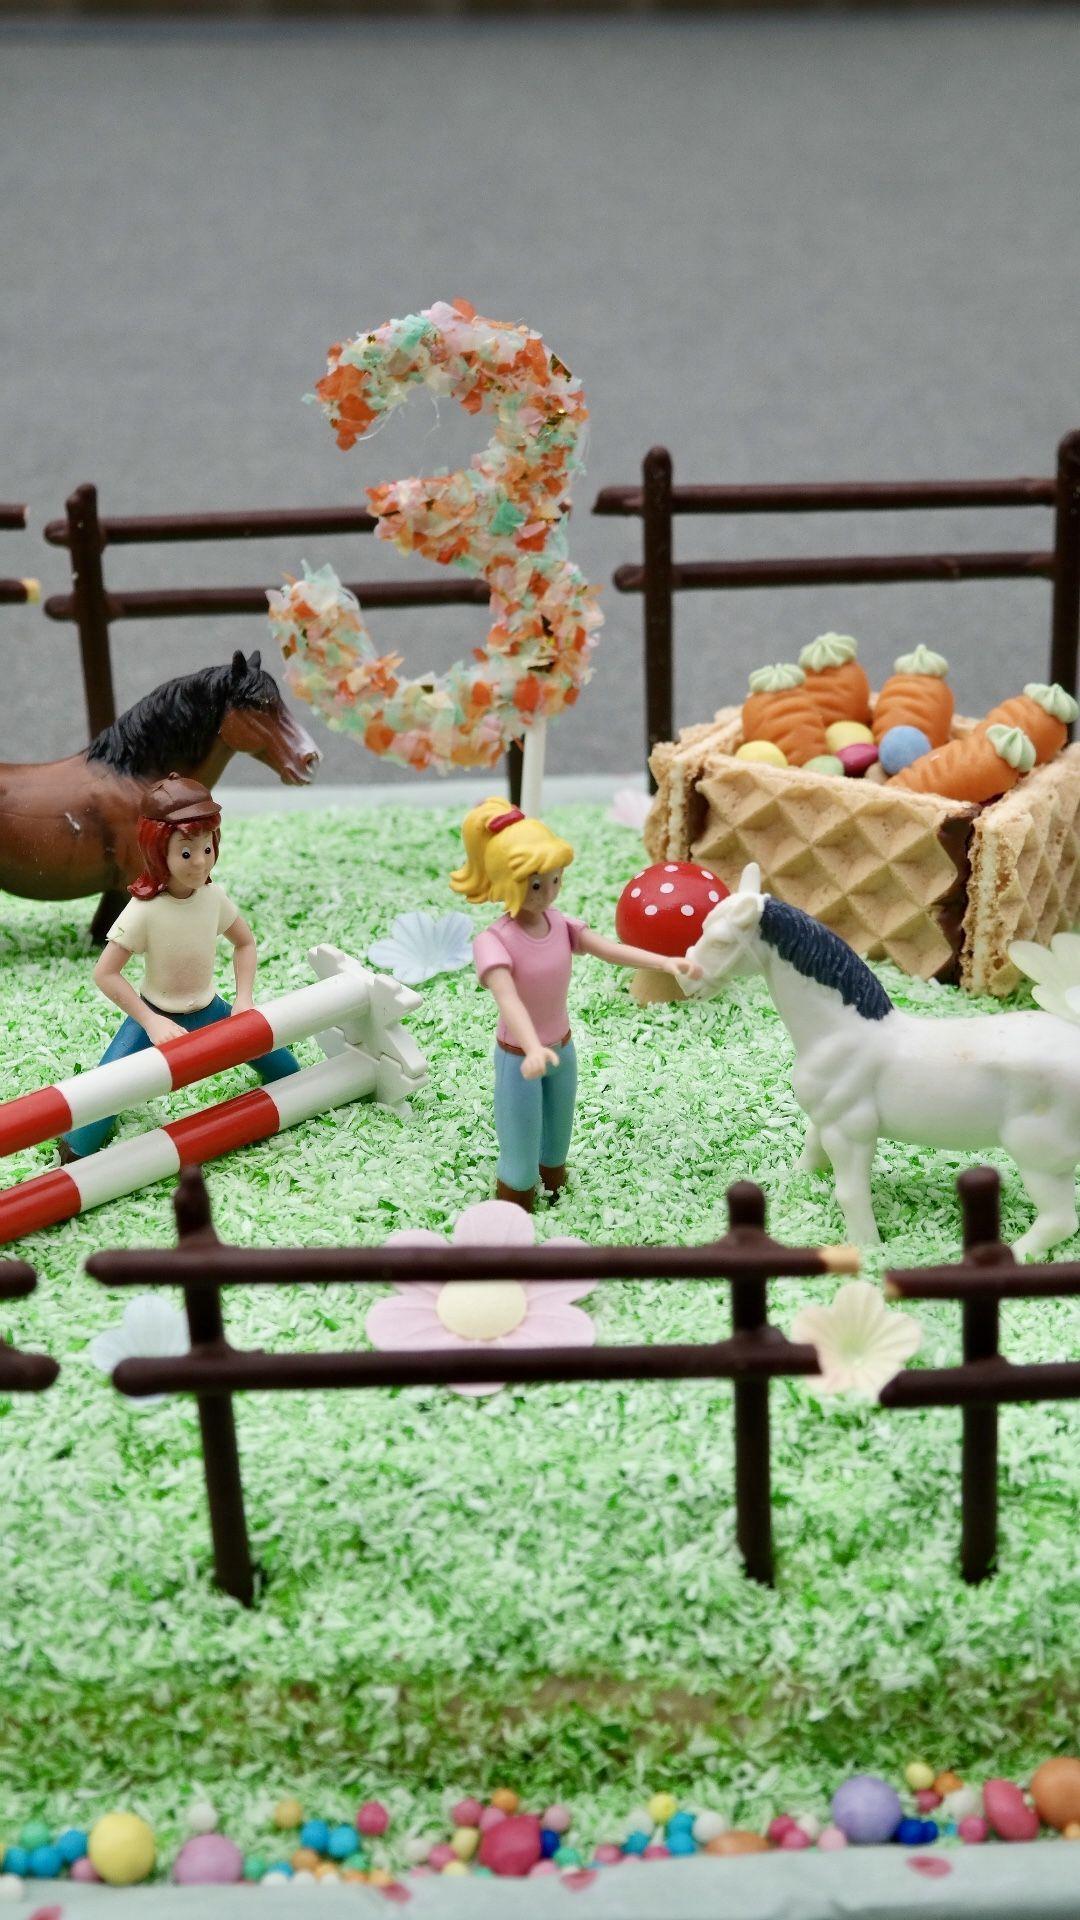 Bibi Und Tina Torte Zum Kindergeburtstag In 2020 Bibi Und Tina Torte Kindergeburtstag Pferde Kuchen Kindergeburtstag Pferd